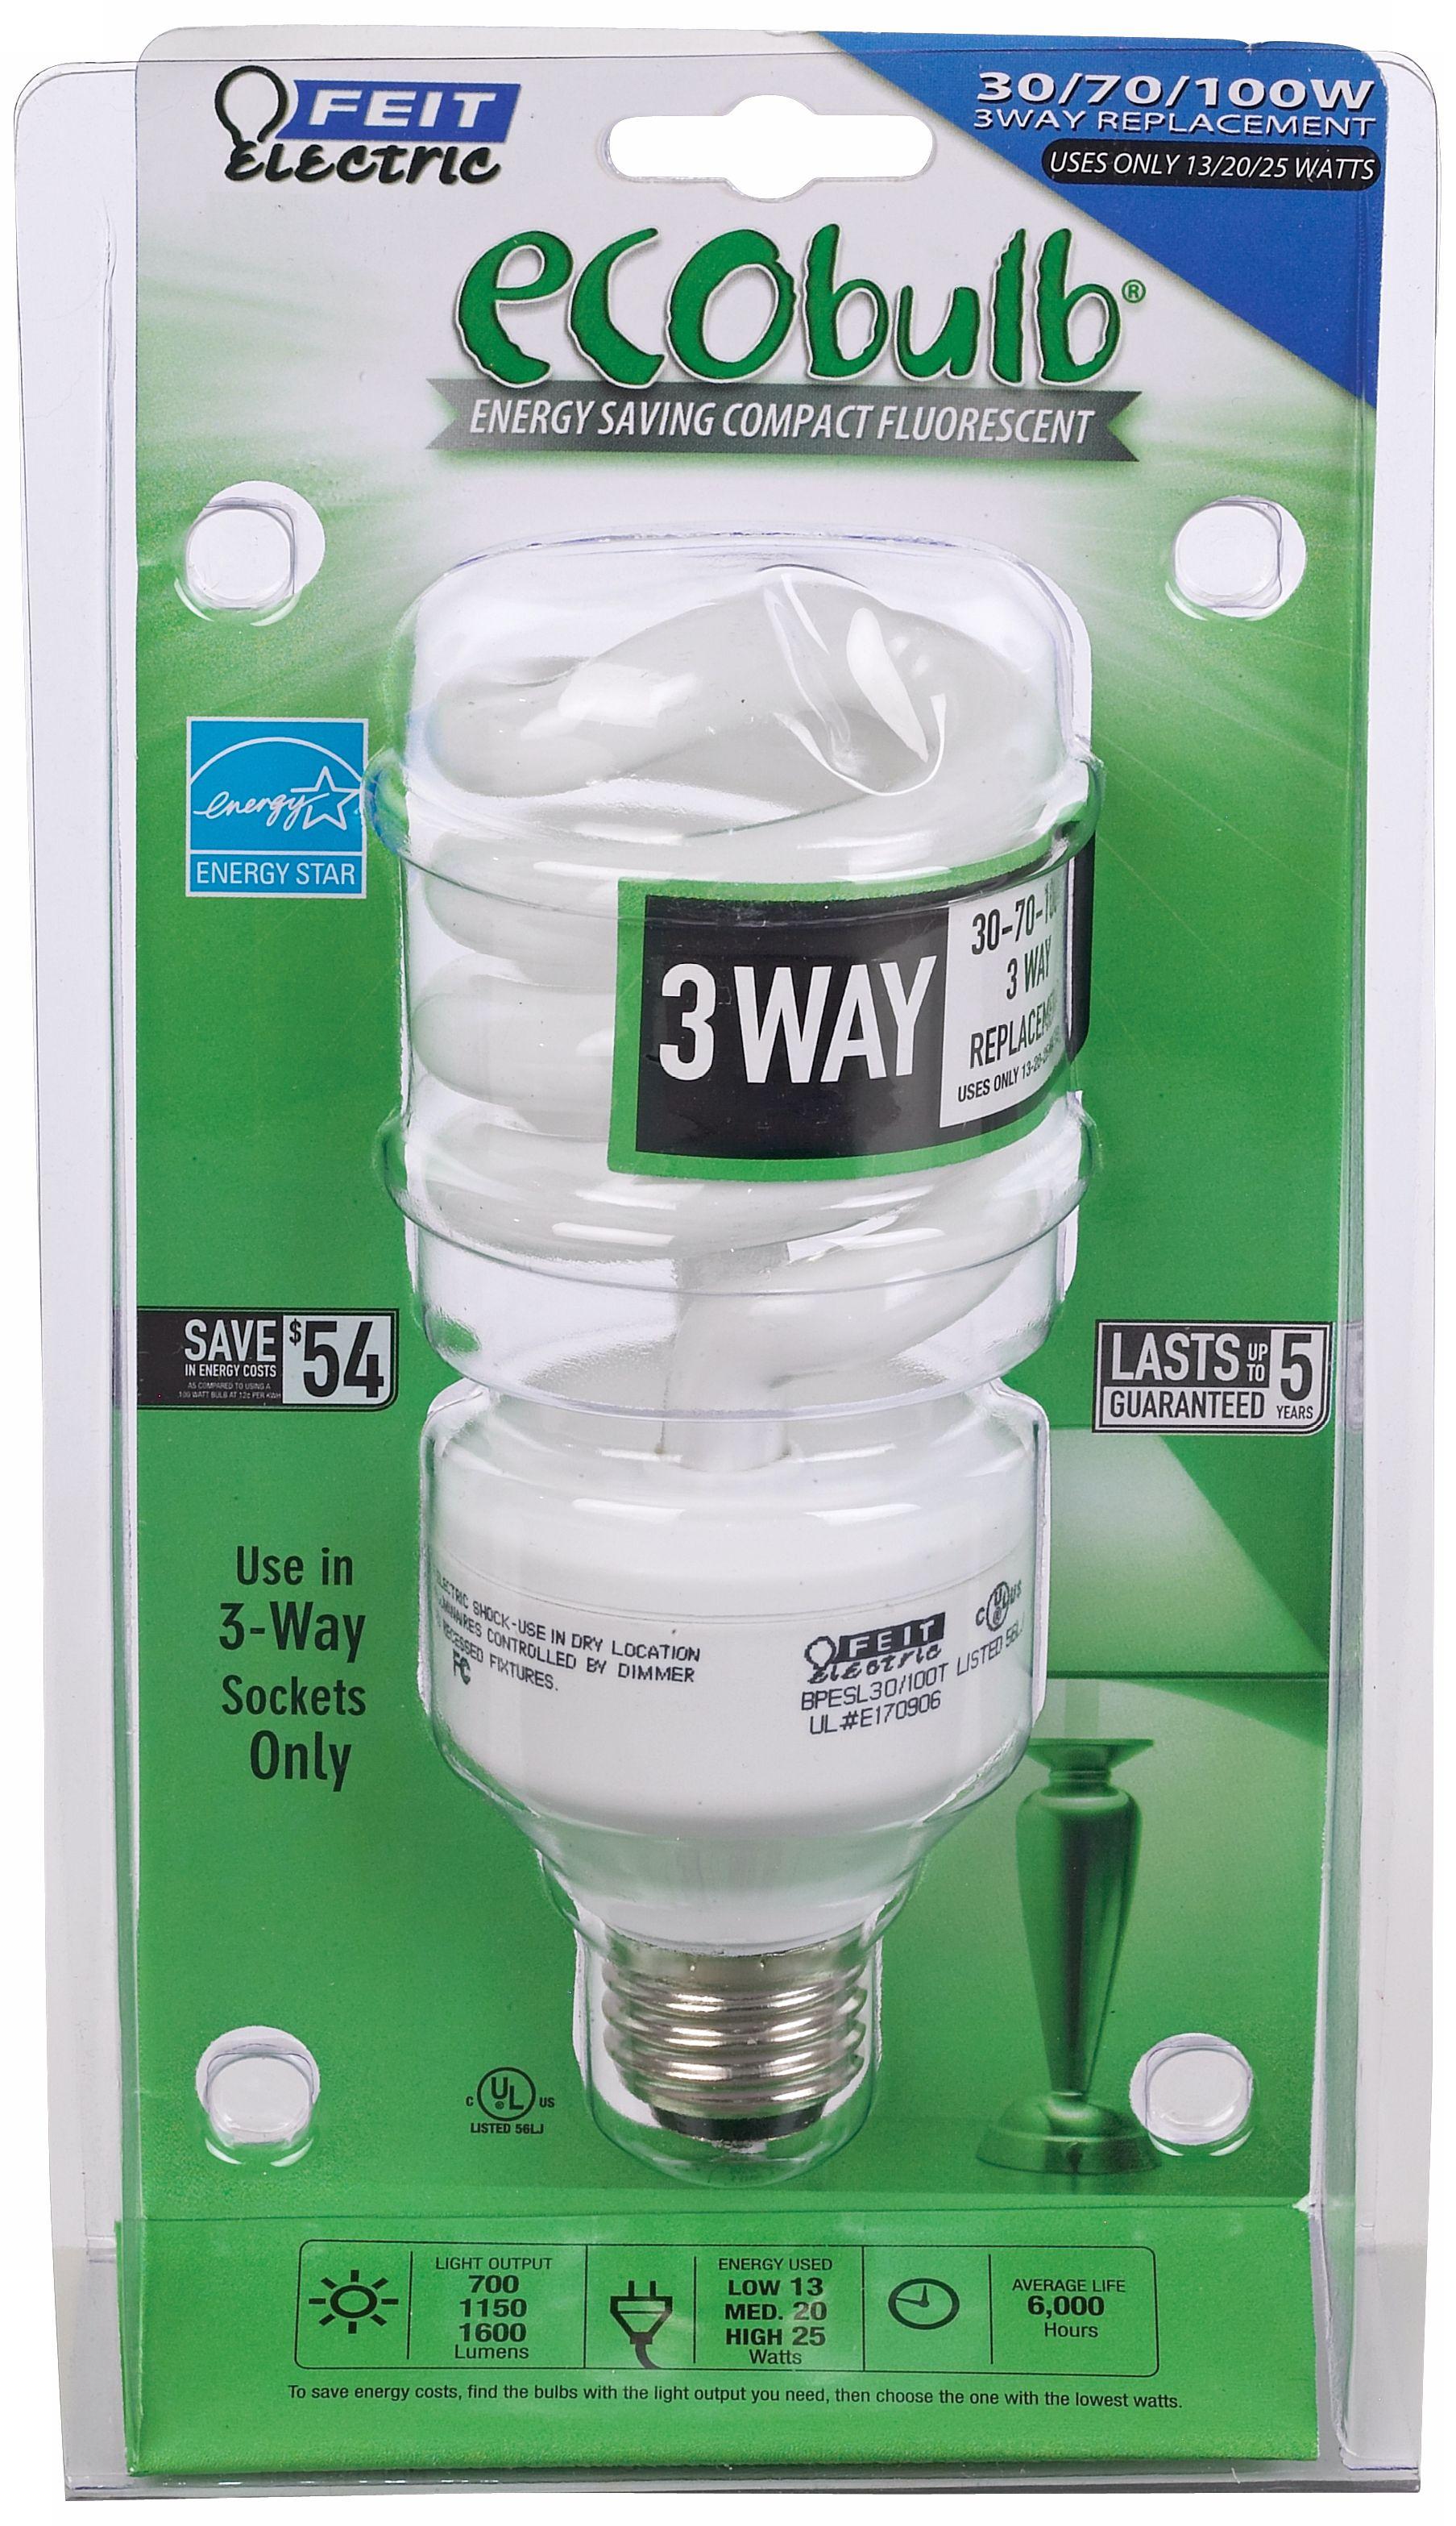 3way energy saving cfl energy star eco light bulb